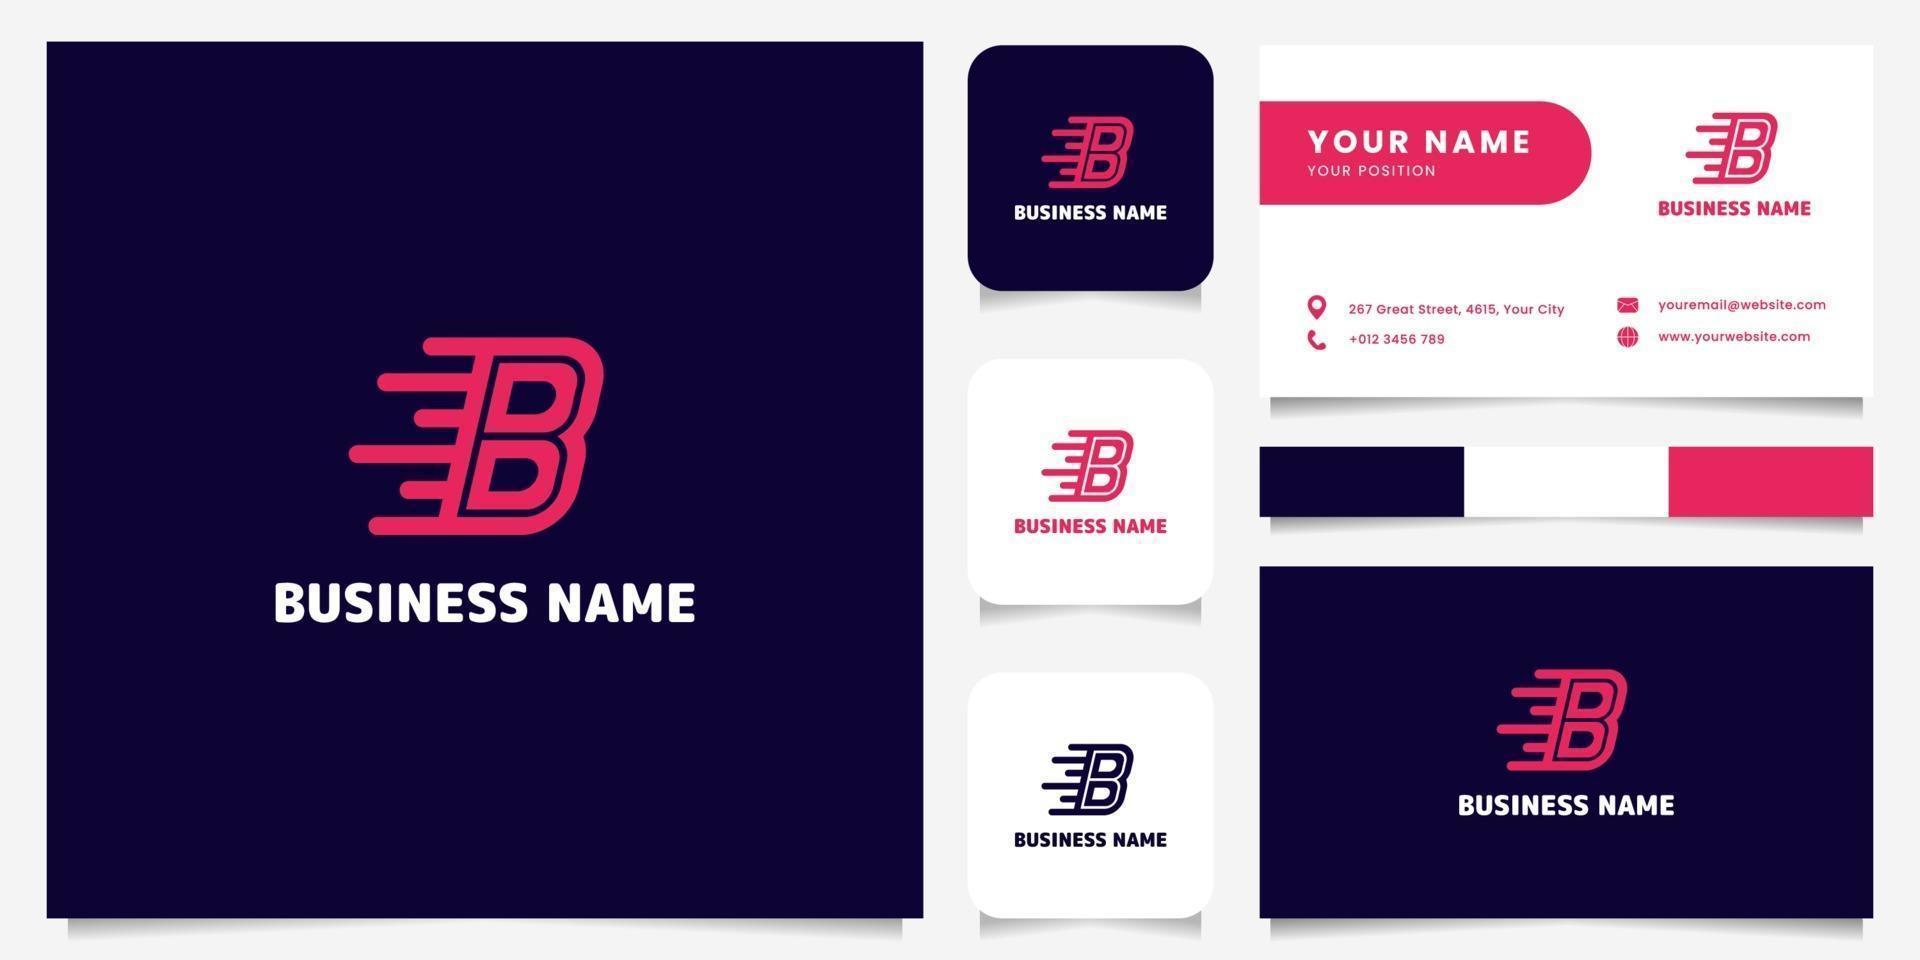 eenvoudig en minimalistisch helder roze letter b snelheid logo in donkere achtergrond logo met sjabloon voor visitekaartjes vector